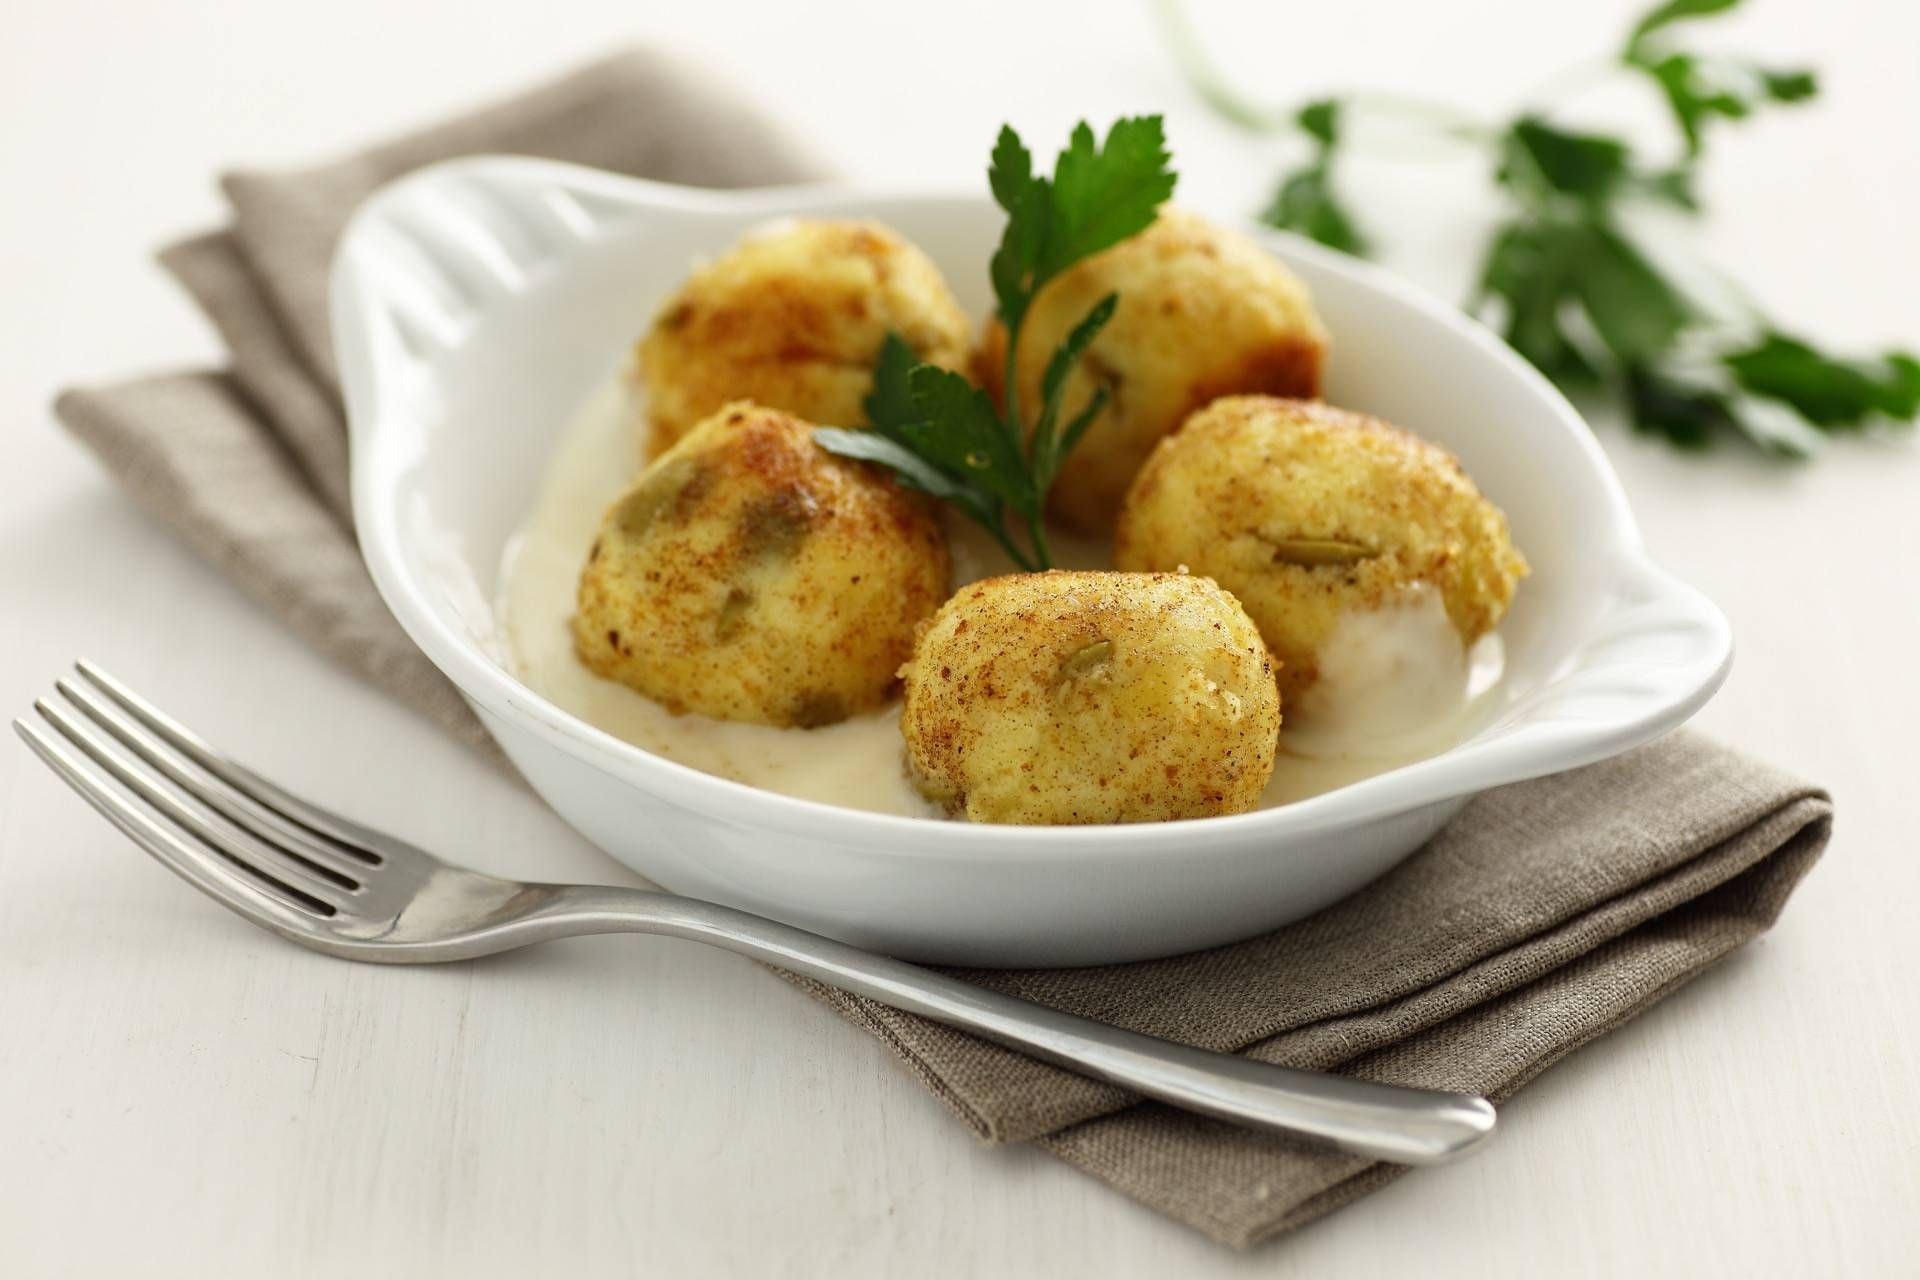 Polpette di ricotta e patate - Parmalat